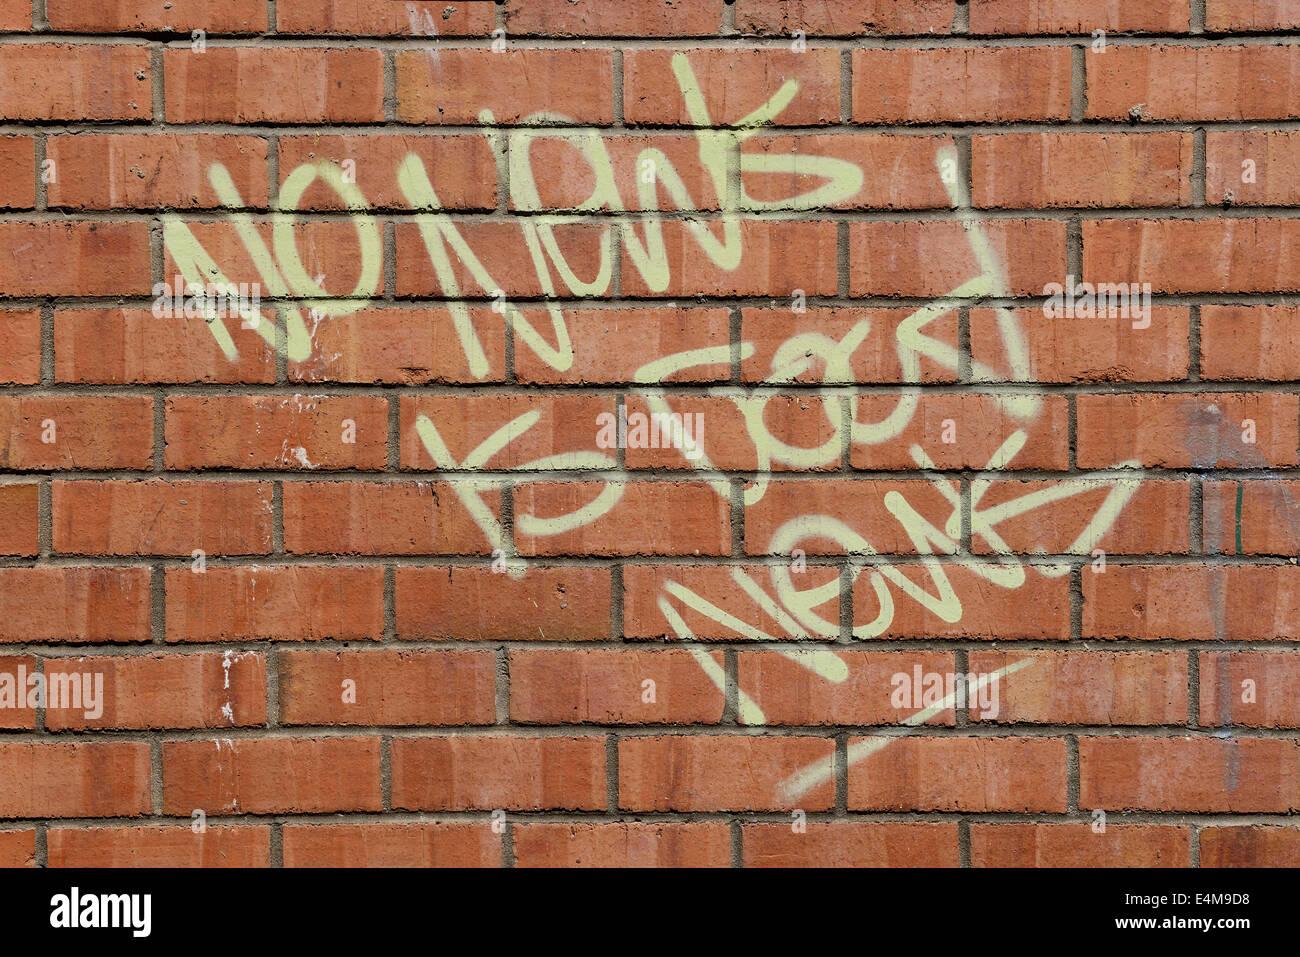 Keine Nachrichten sind gute Nachrichten Slogan auf eine Mauer Stockbild